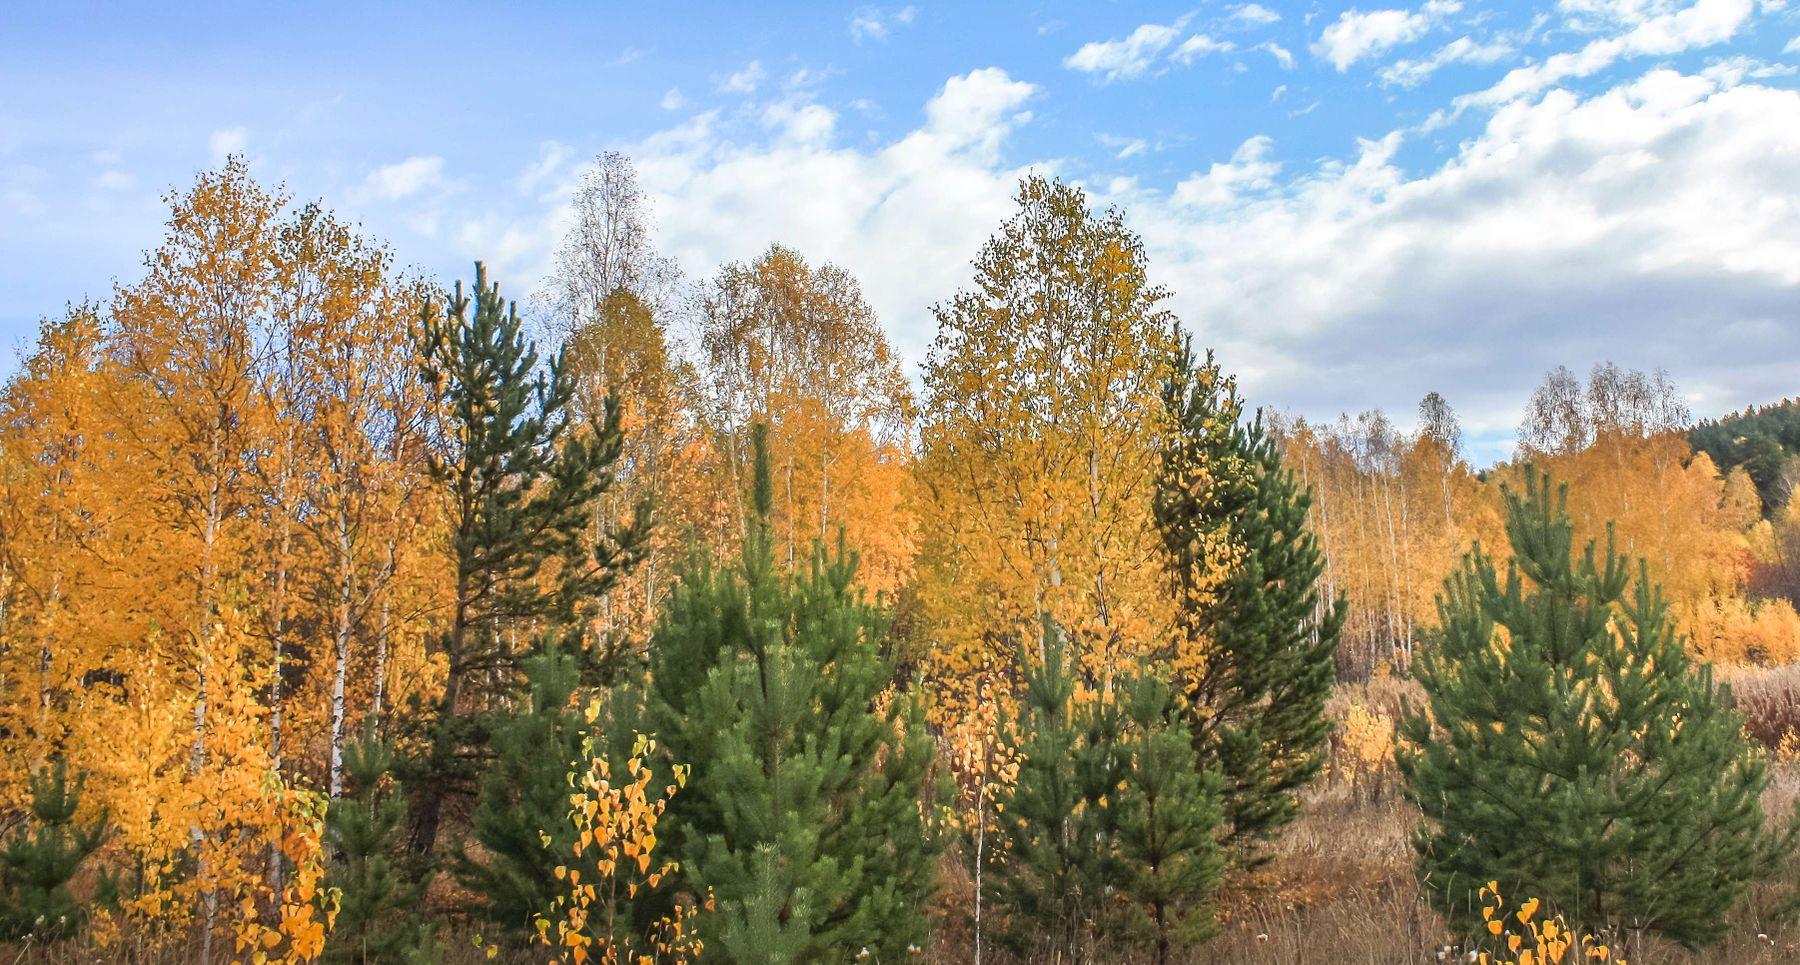 Осенний лес. Южный Урал Миасс Селянкино природа осень